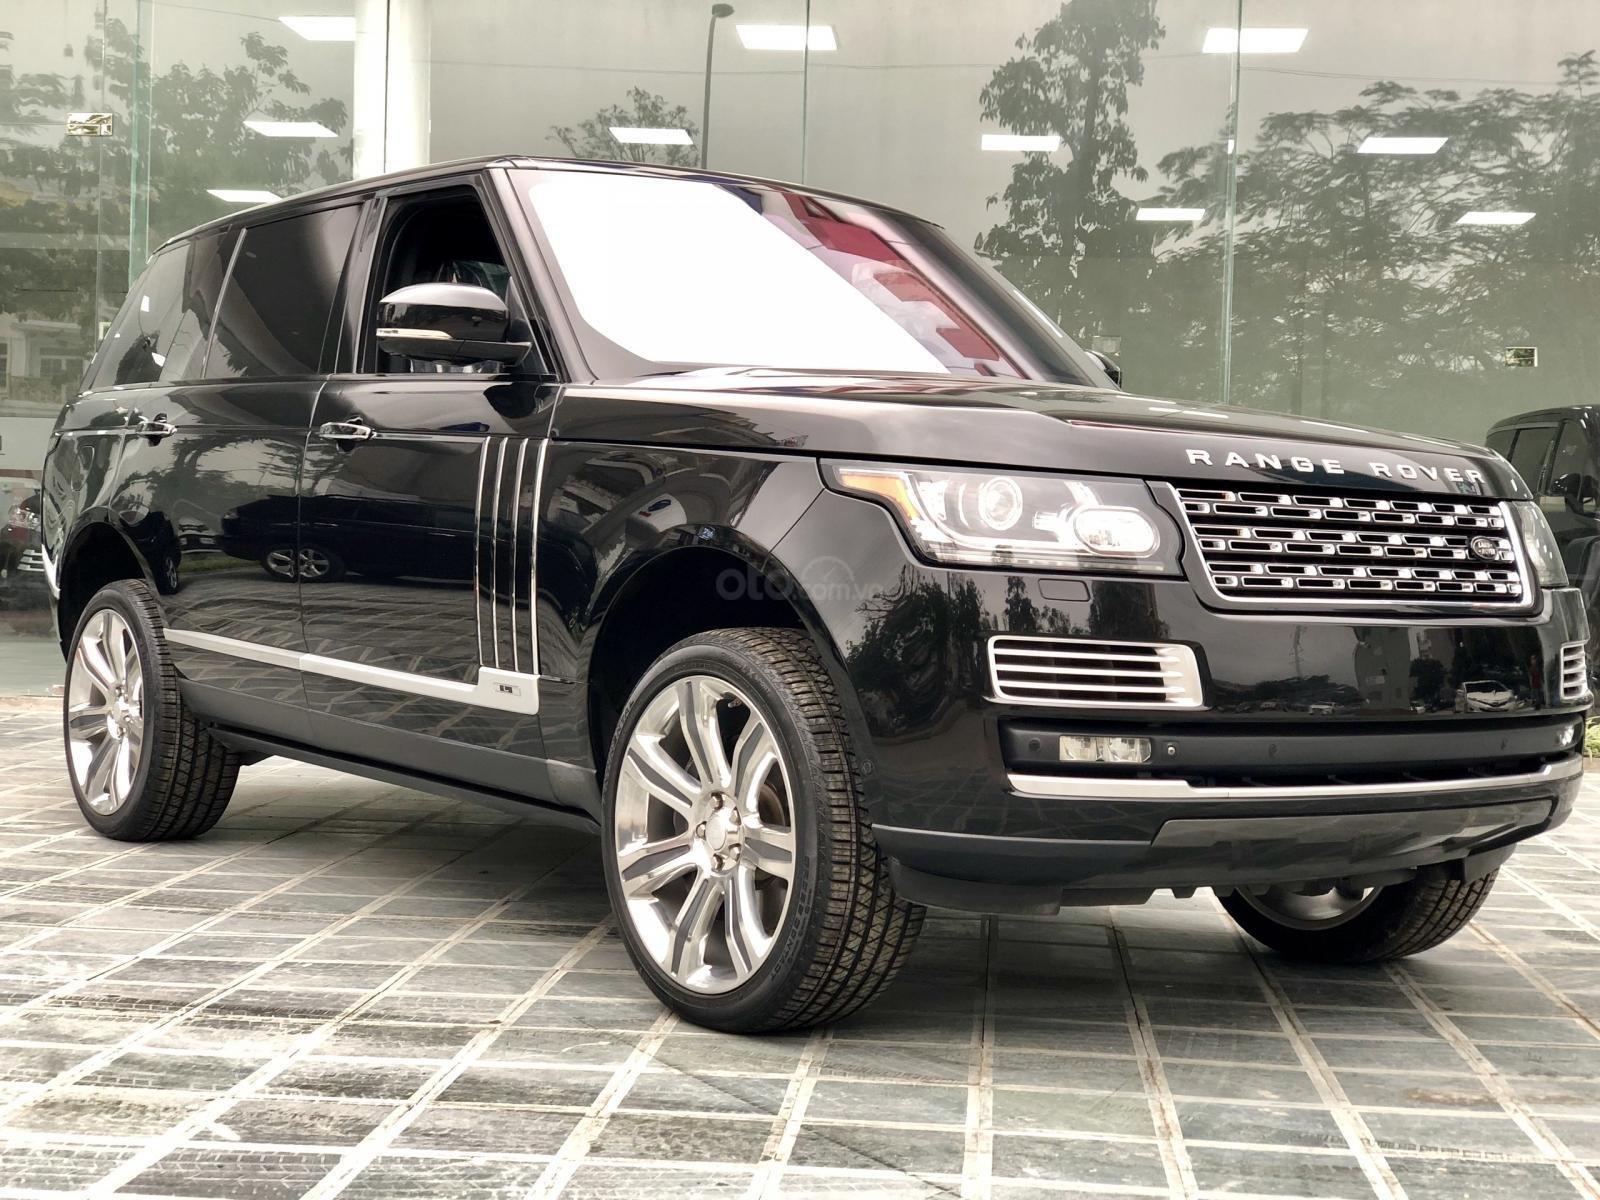 Bán Range Rover Black Edition SX 2015, siêu lướt giá tốt - LH Ms. Hương 094.539.2468 (3)